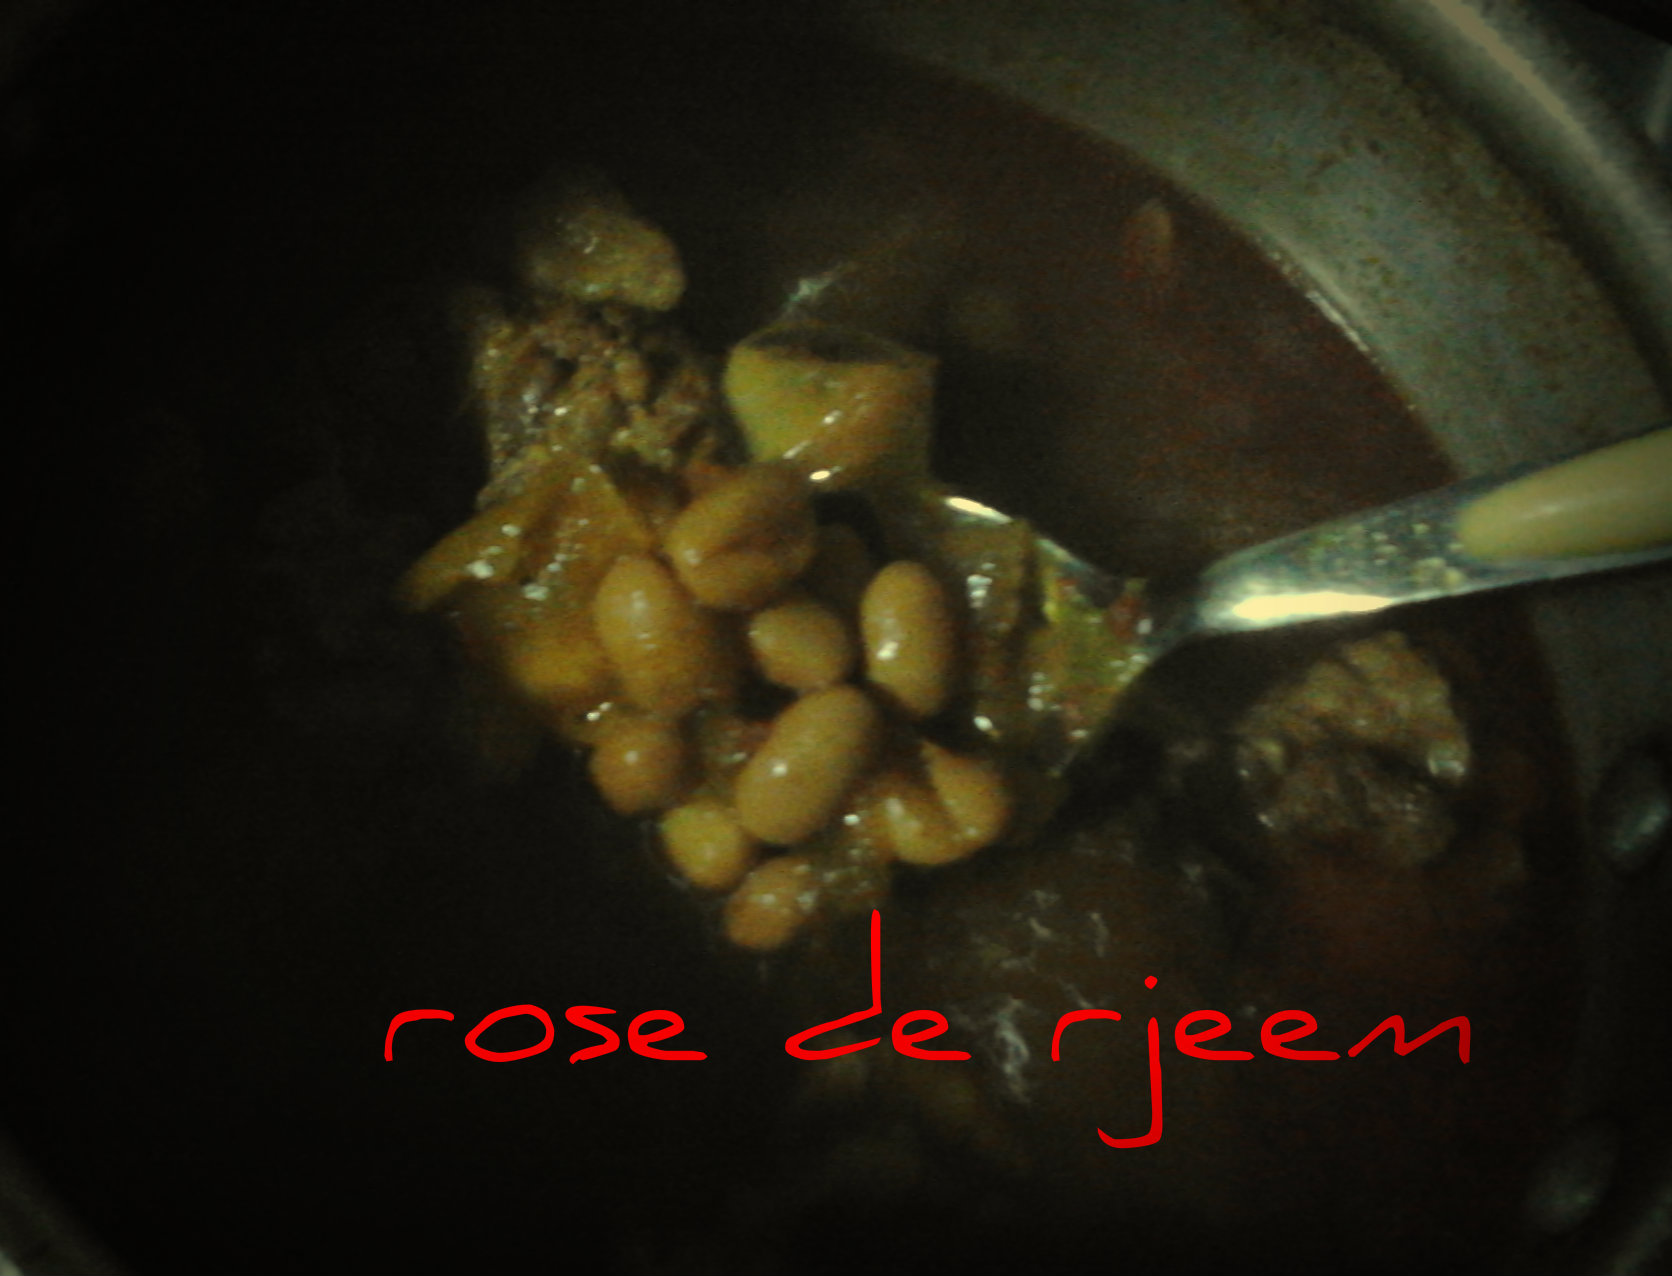 طريقة طهي الفاصوليا الجزائرية 14061189471.jpg